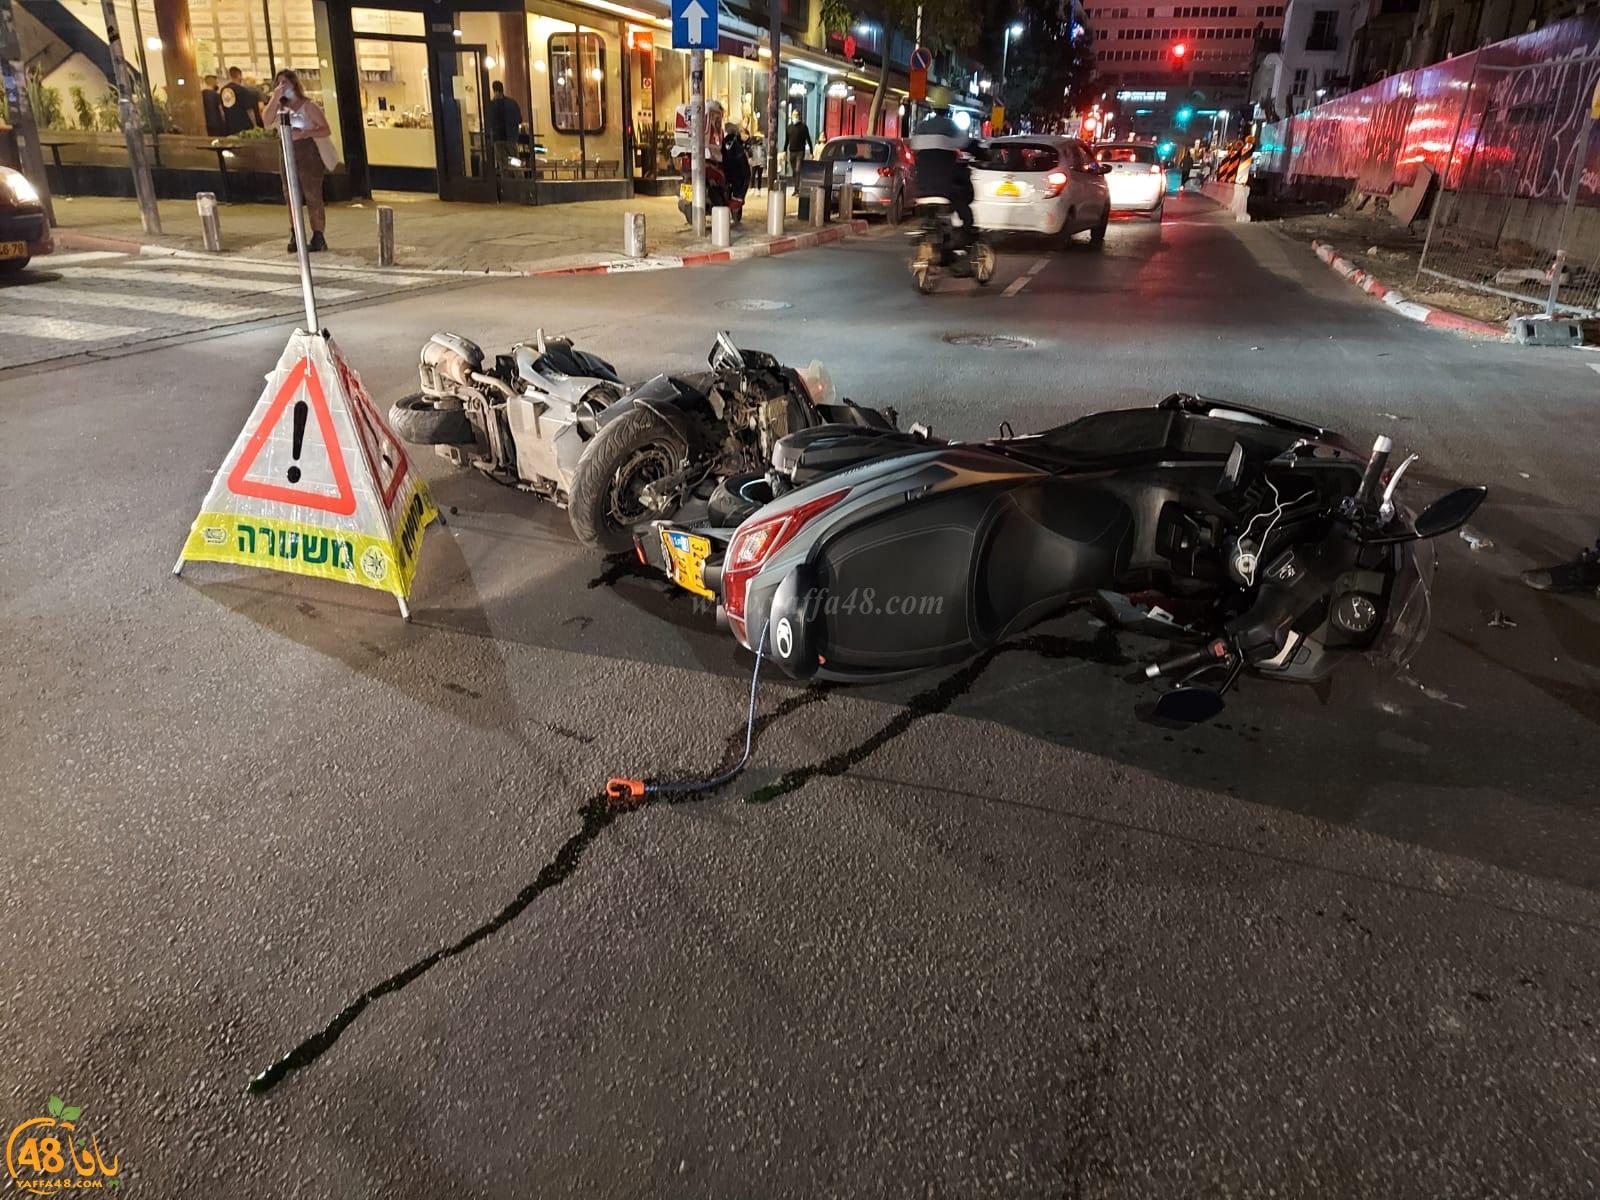 صور: إصابتان في حادث طرق بين درّاجتين ناريّتين ومركبة شرق يافا